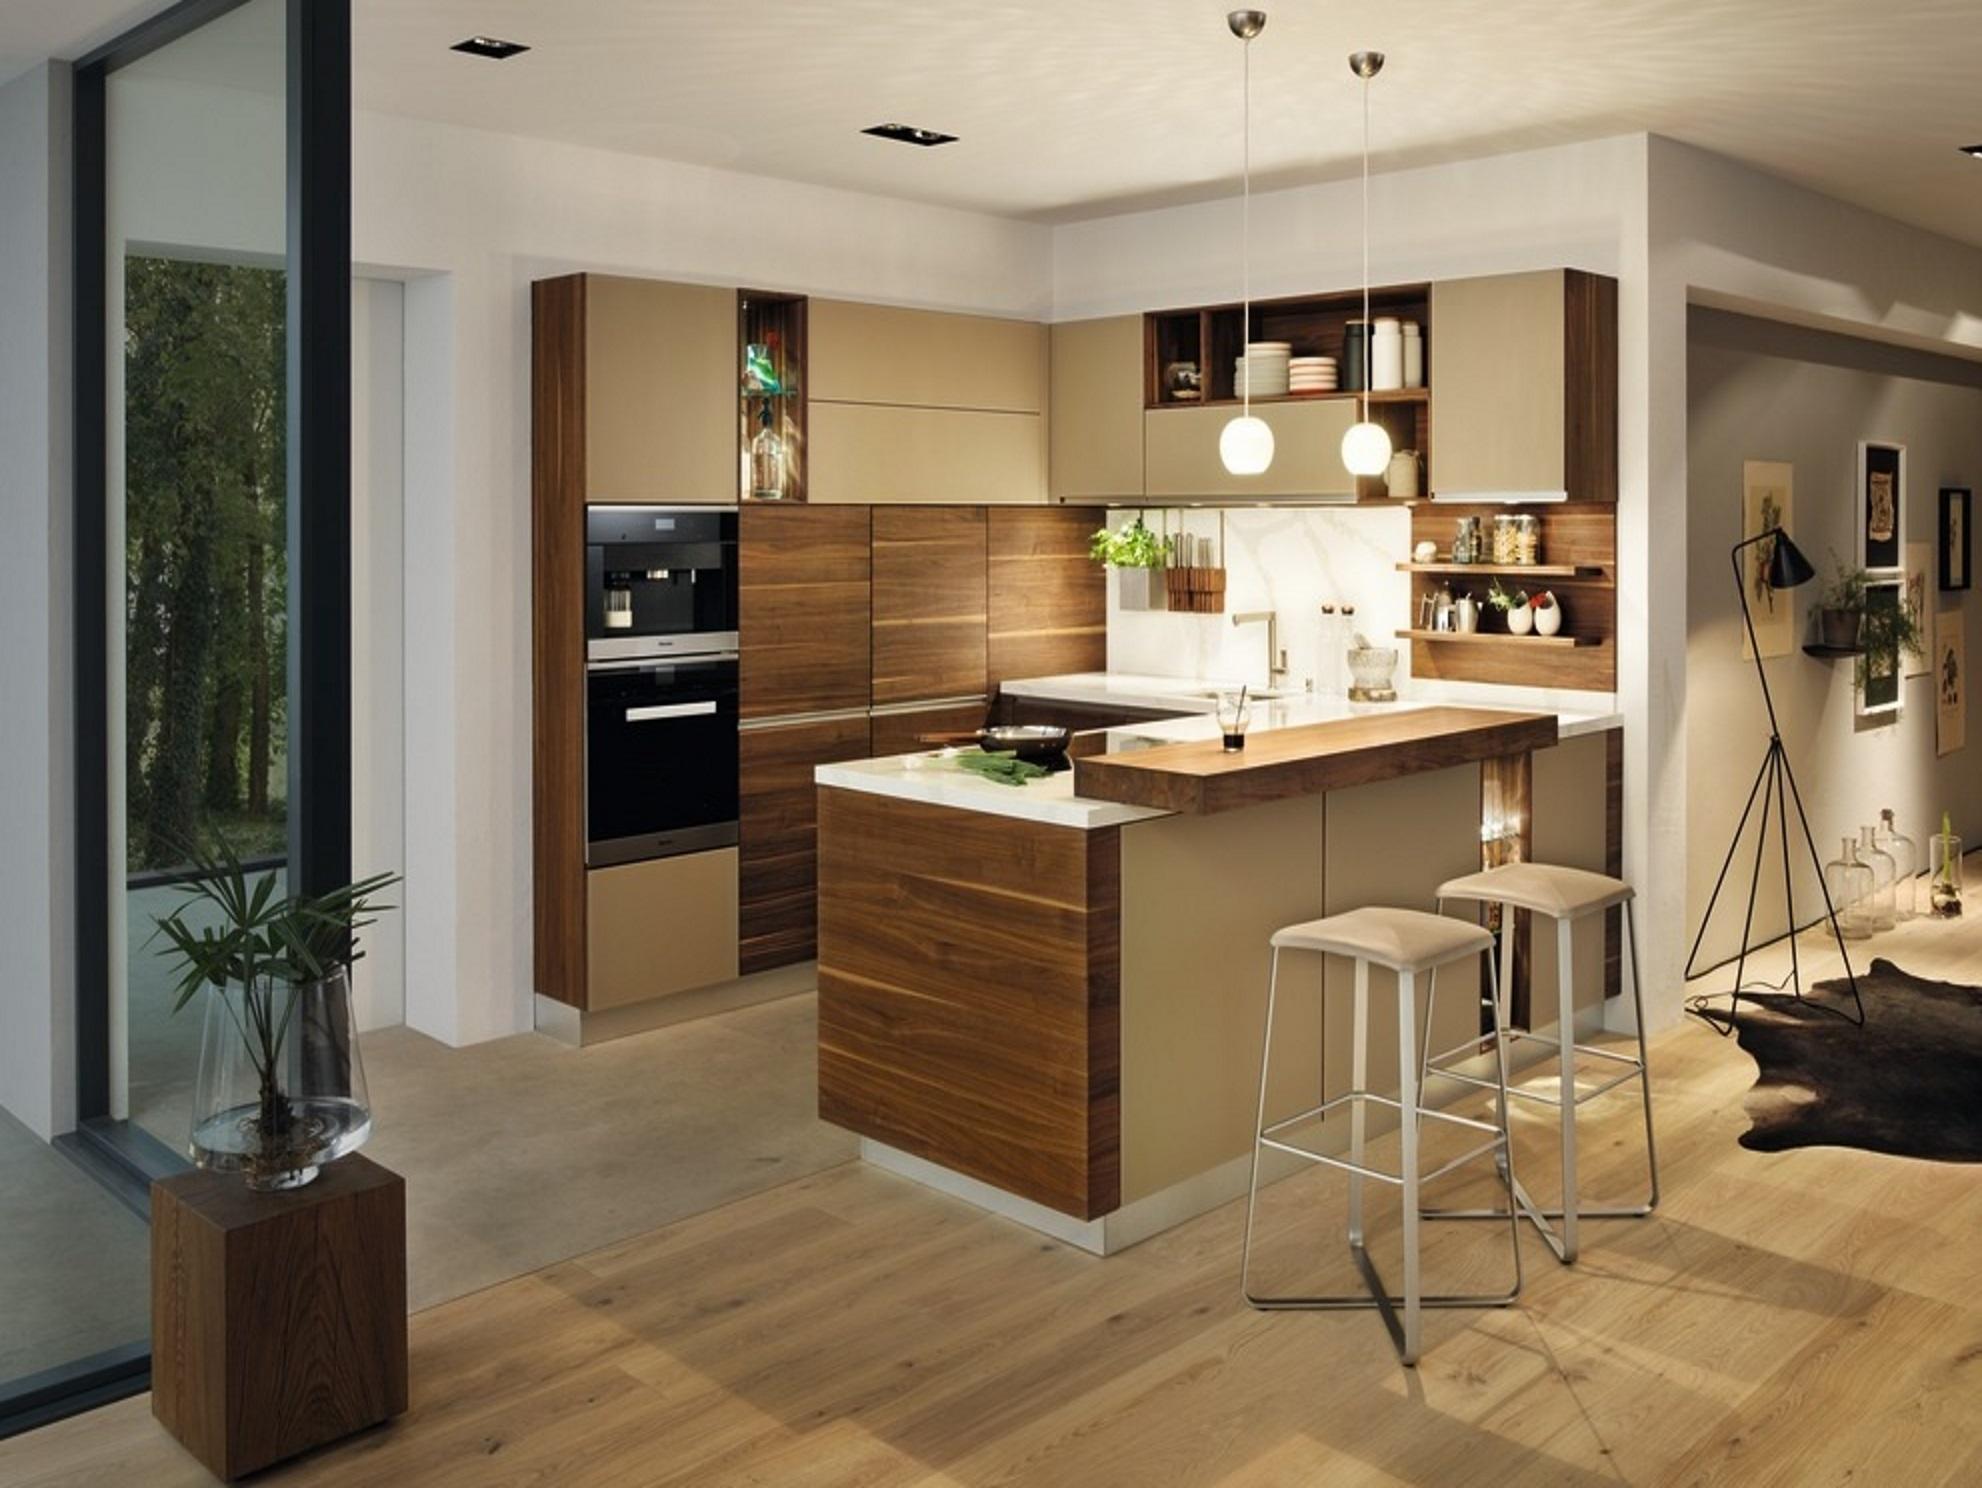 k che linee biom bel bonn. Black Bedroom Furniture Sets. Home Design Ideas